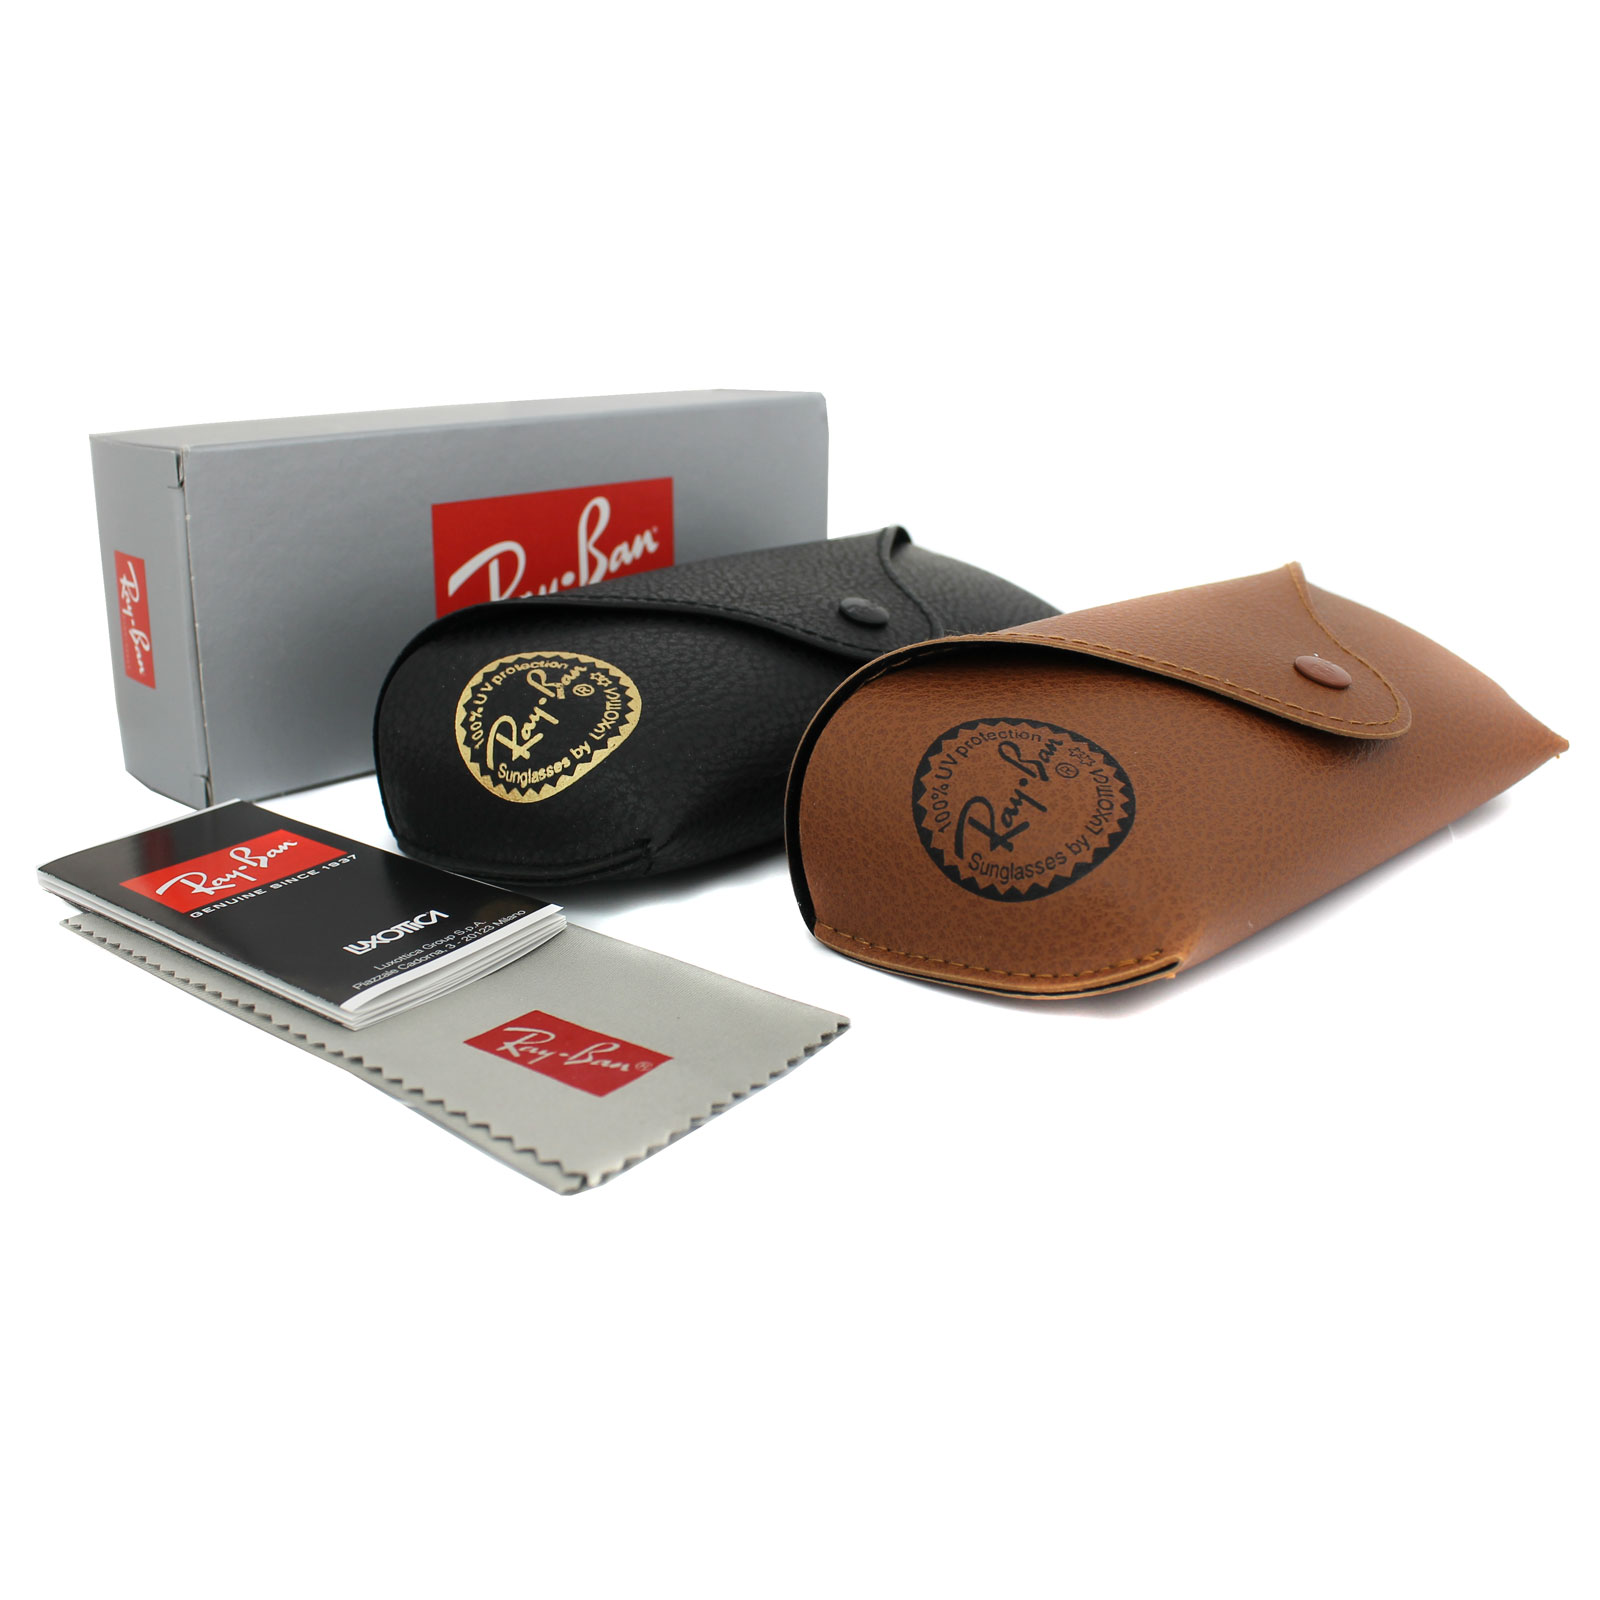 ray ban sonnenbrille aviator 3025 002 58 schwarz gr n. Black Bedroom Furniture Sets. Home Design Ideas